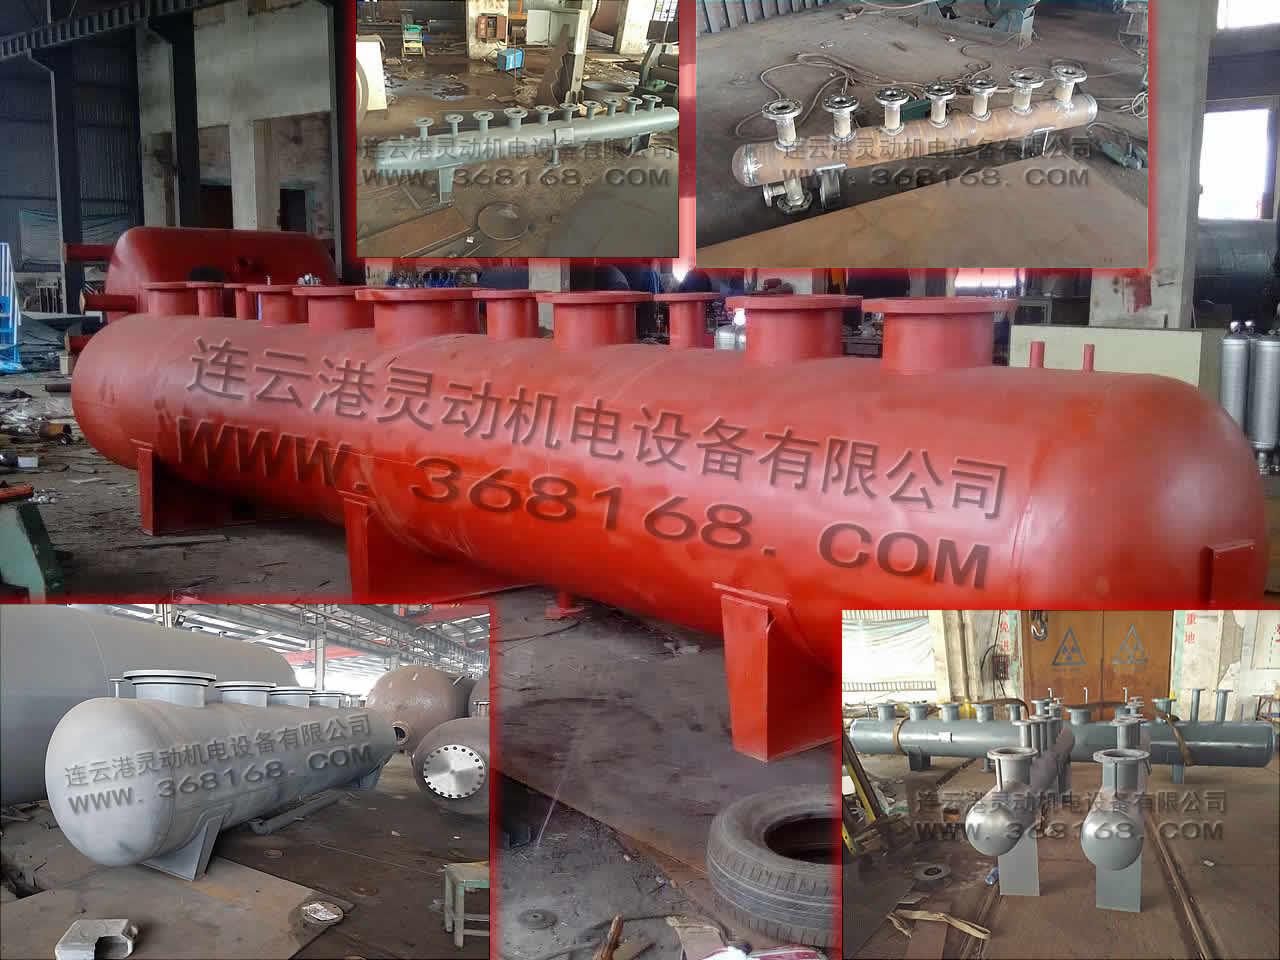 分集水(shui)器-供熱(re)蒸汽聯(lian)箱